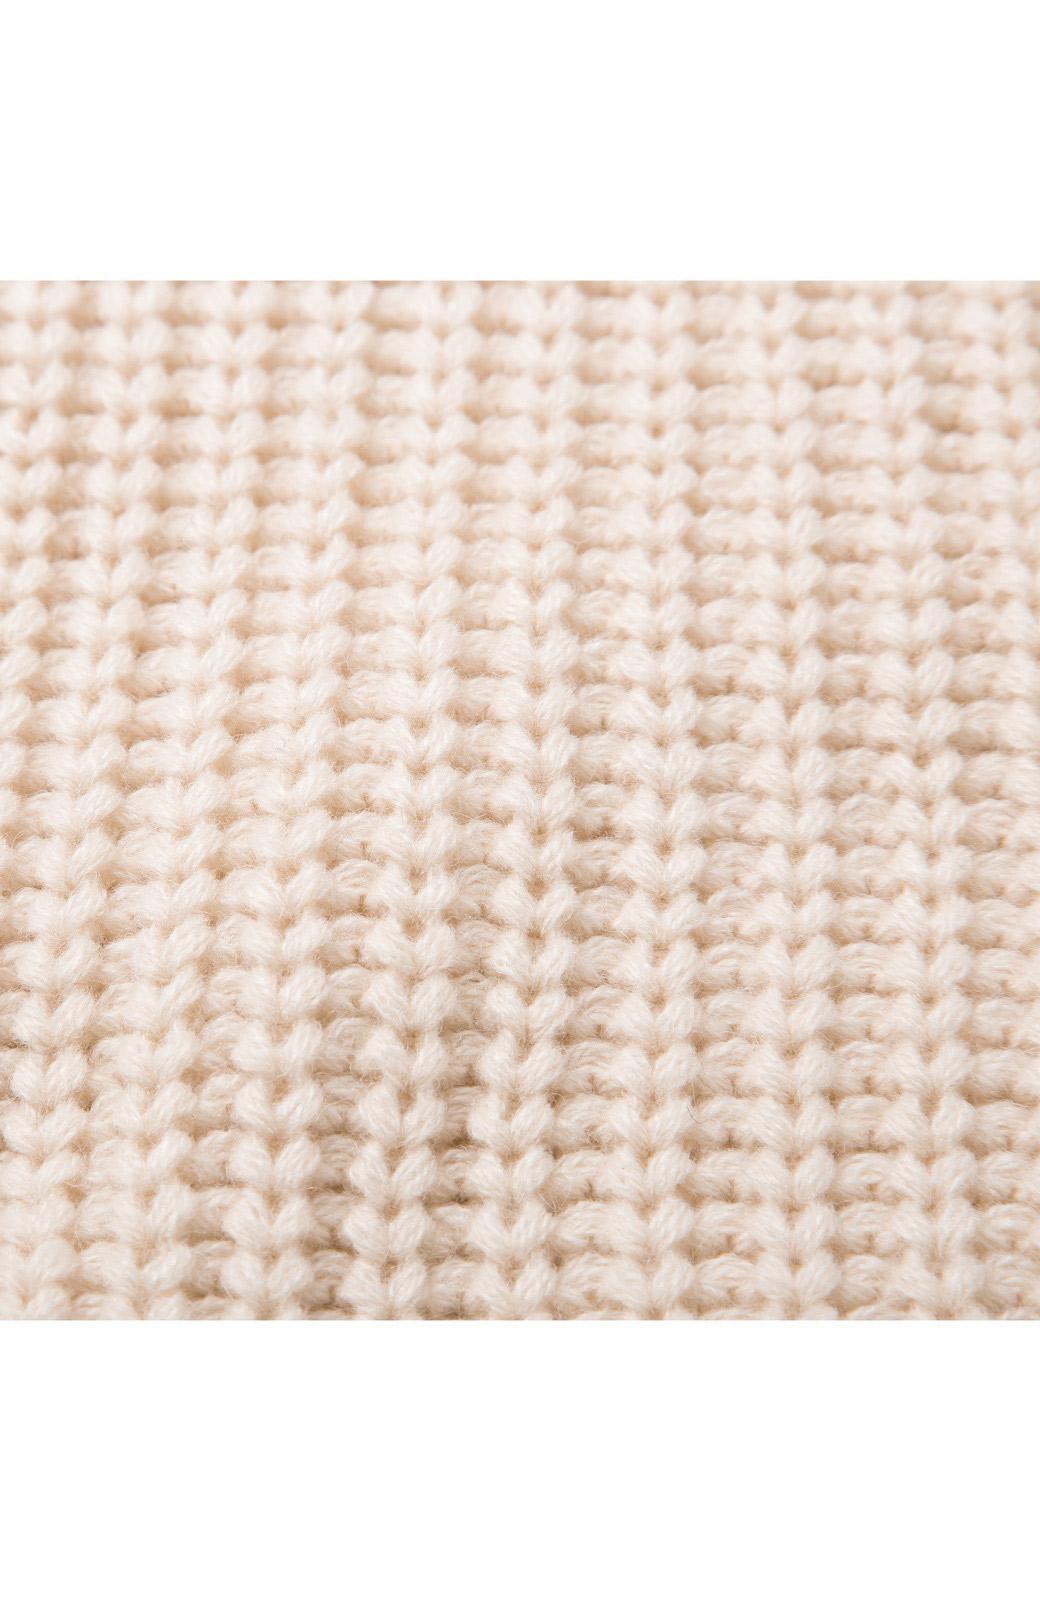 nusy パプコーン編みがかわいい おしゃれニットワンピ <ホワイト>の商品写真3